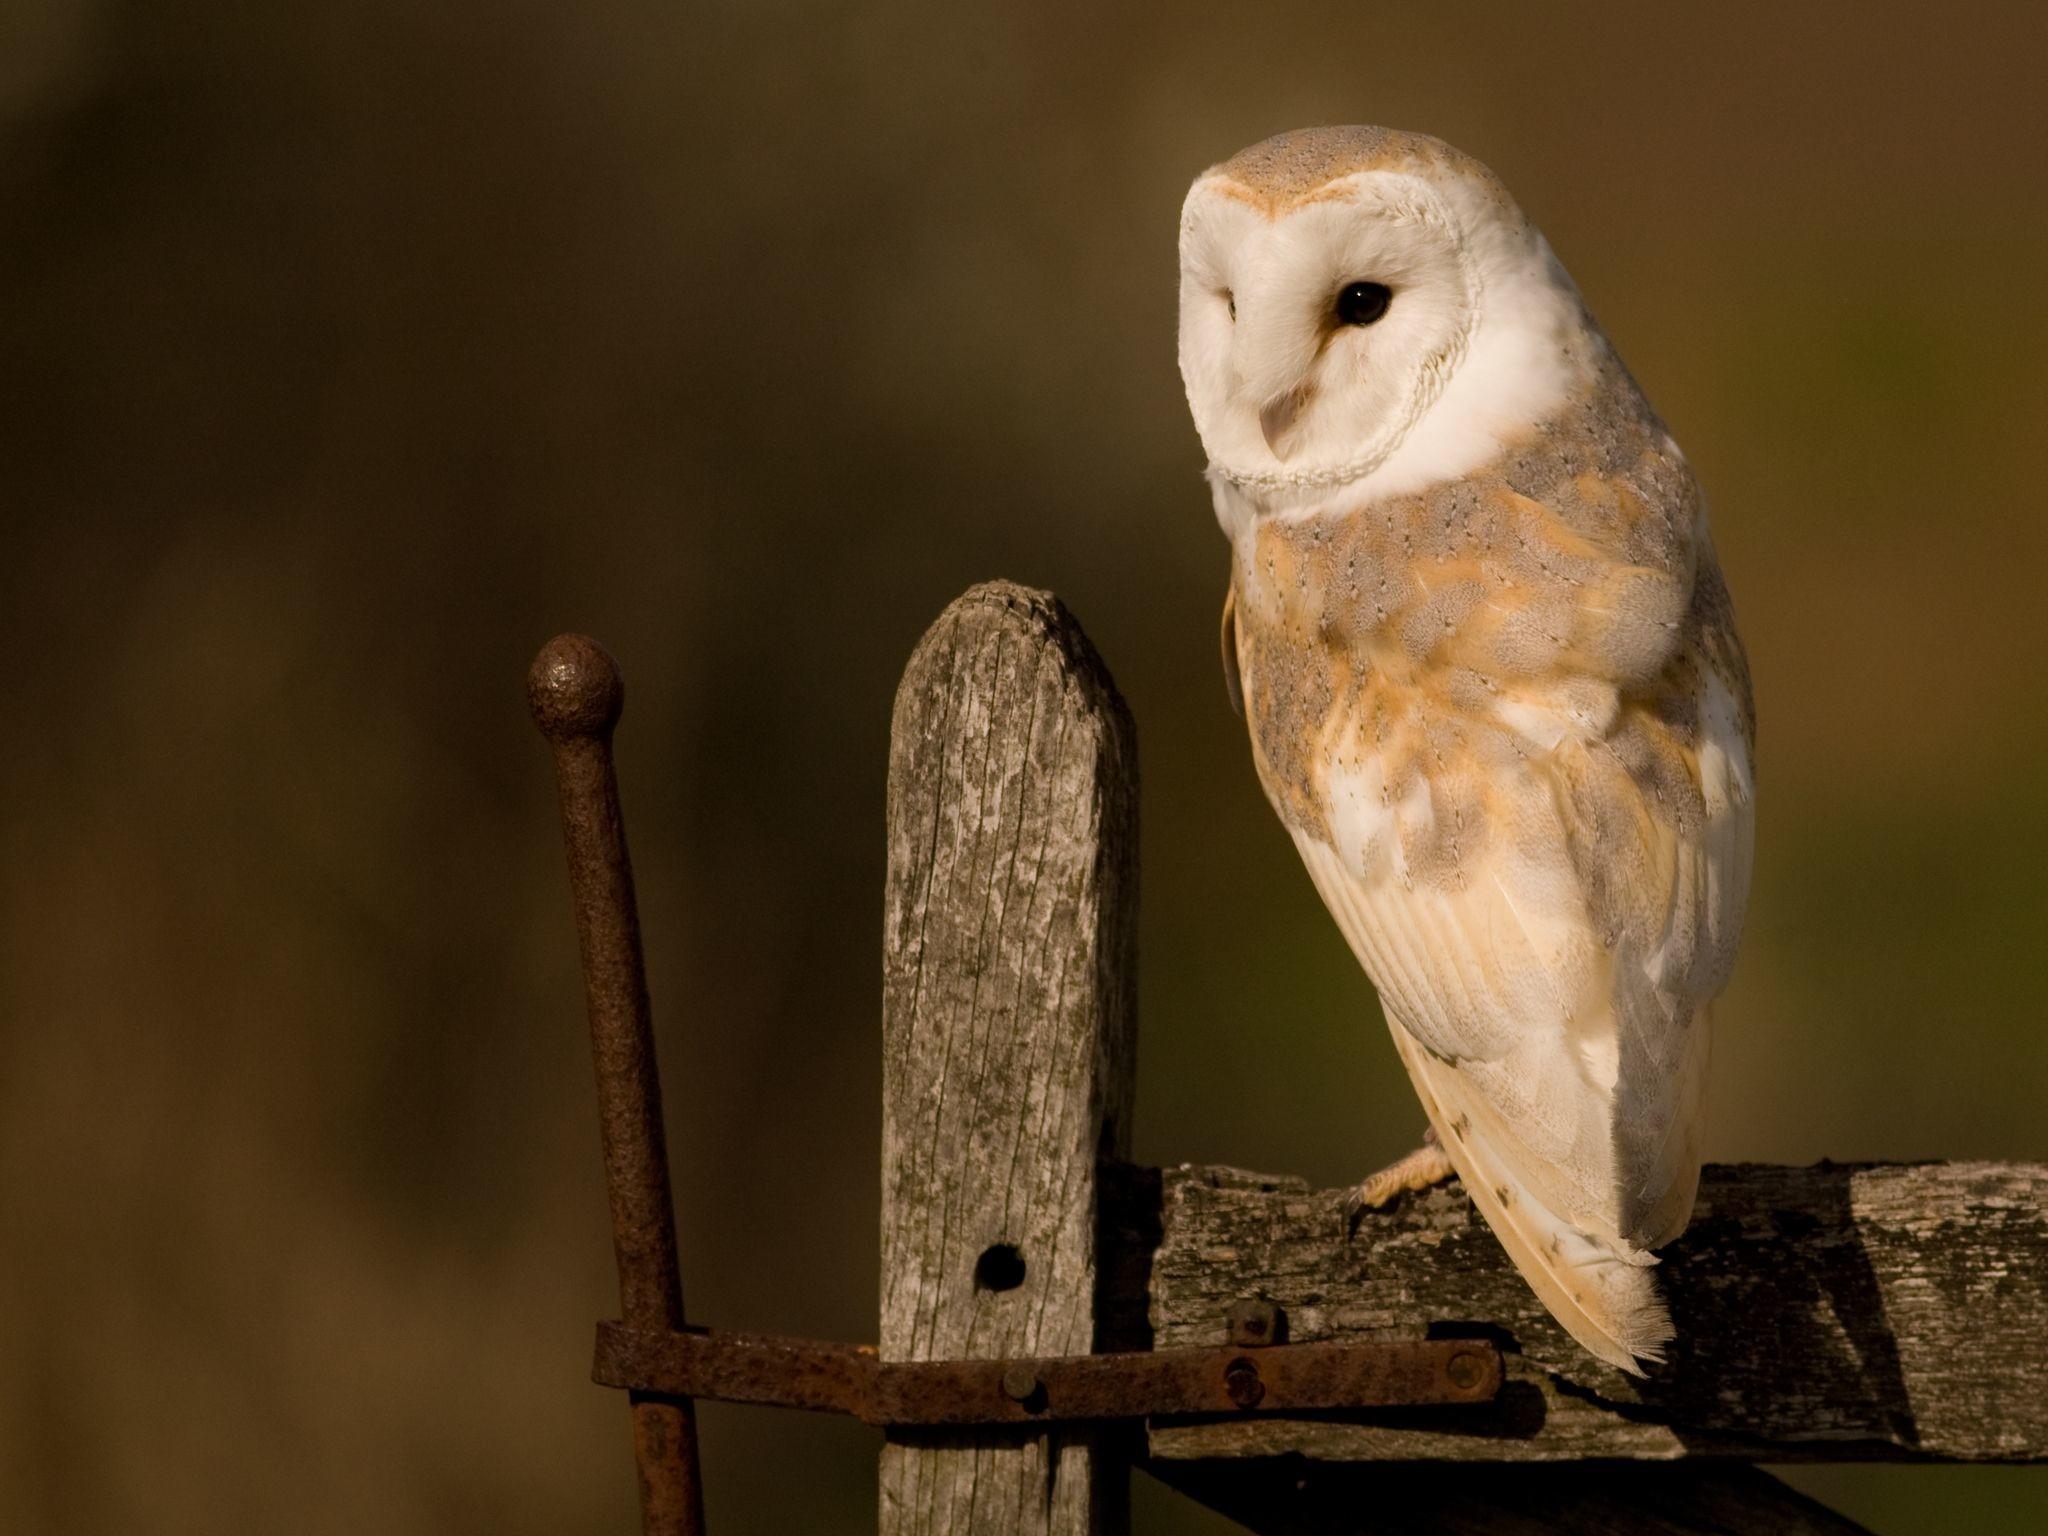 Owls Wallpaper Desktop – WallpaperSafari